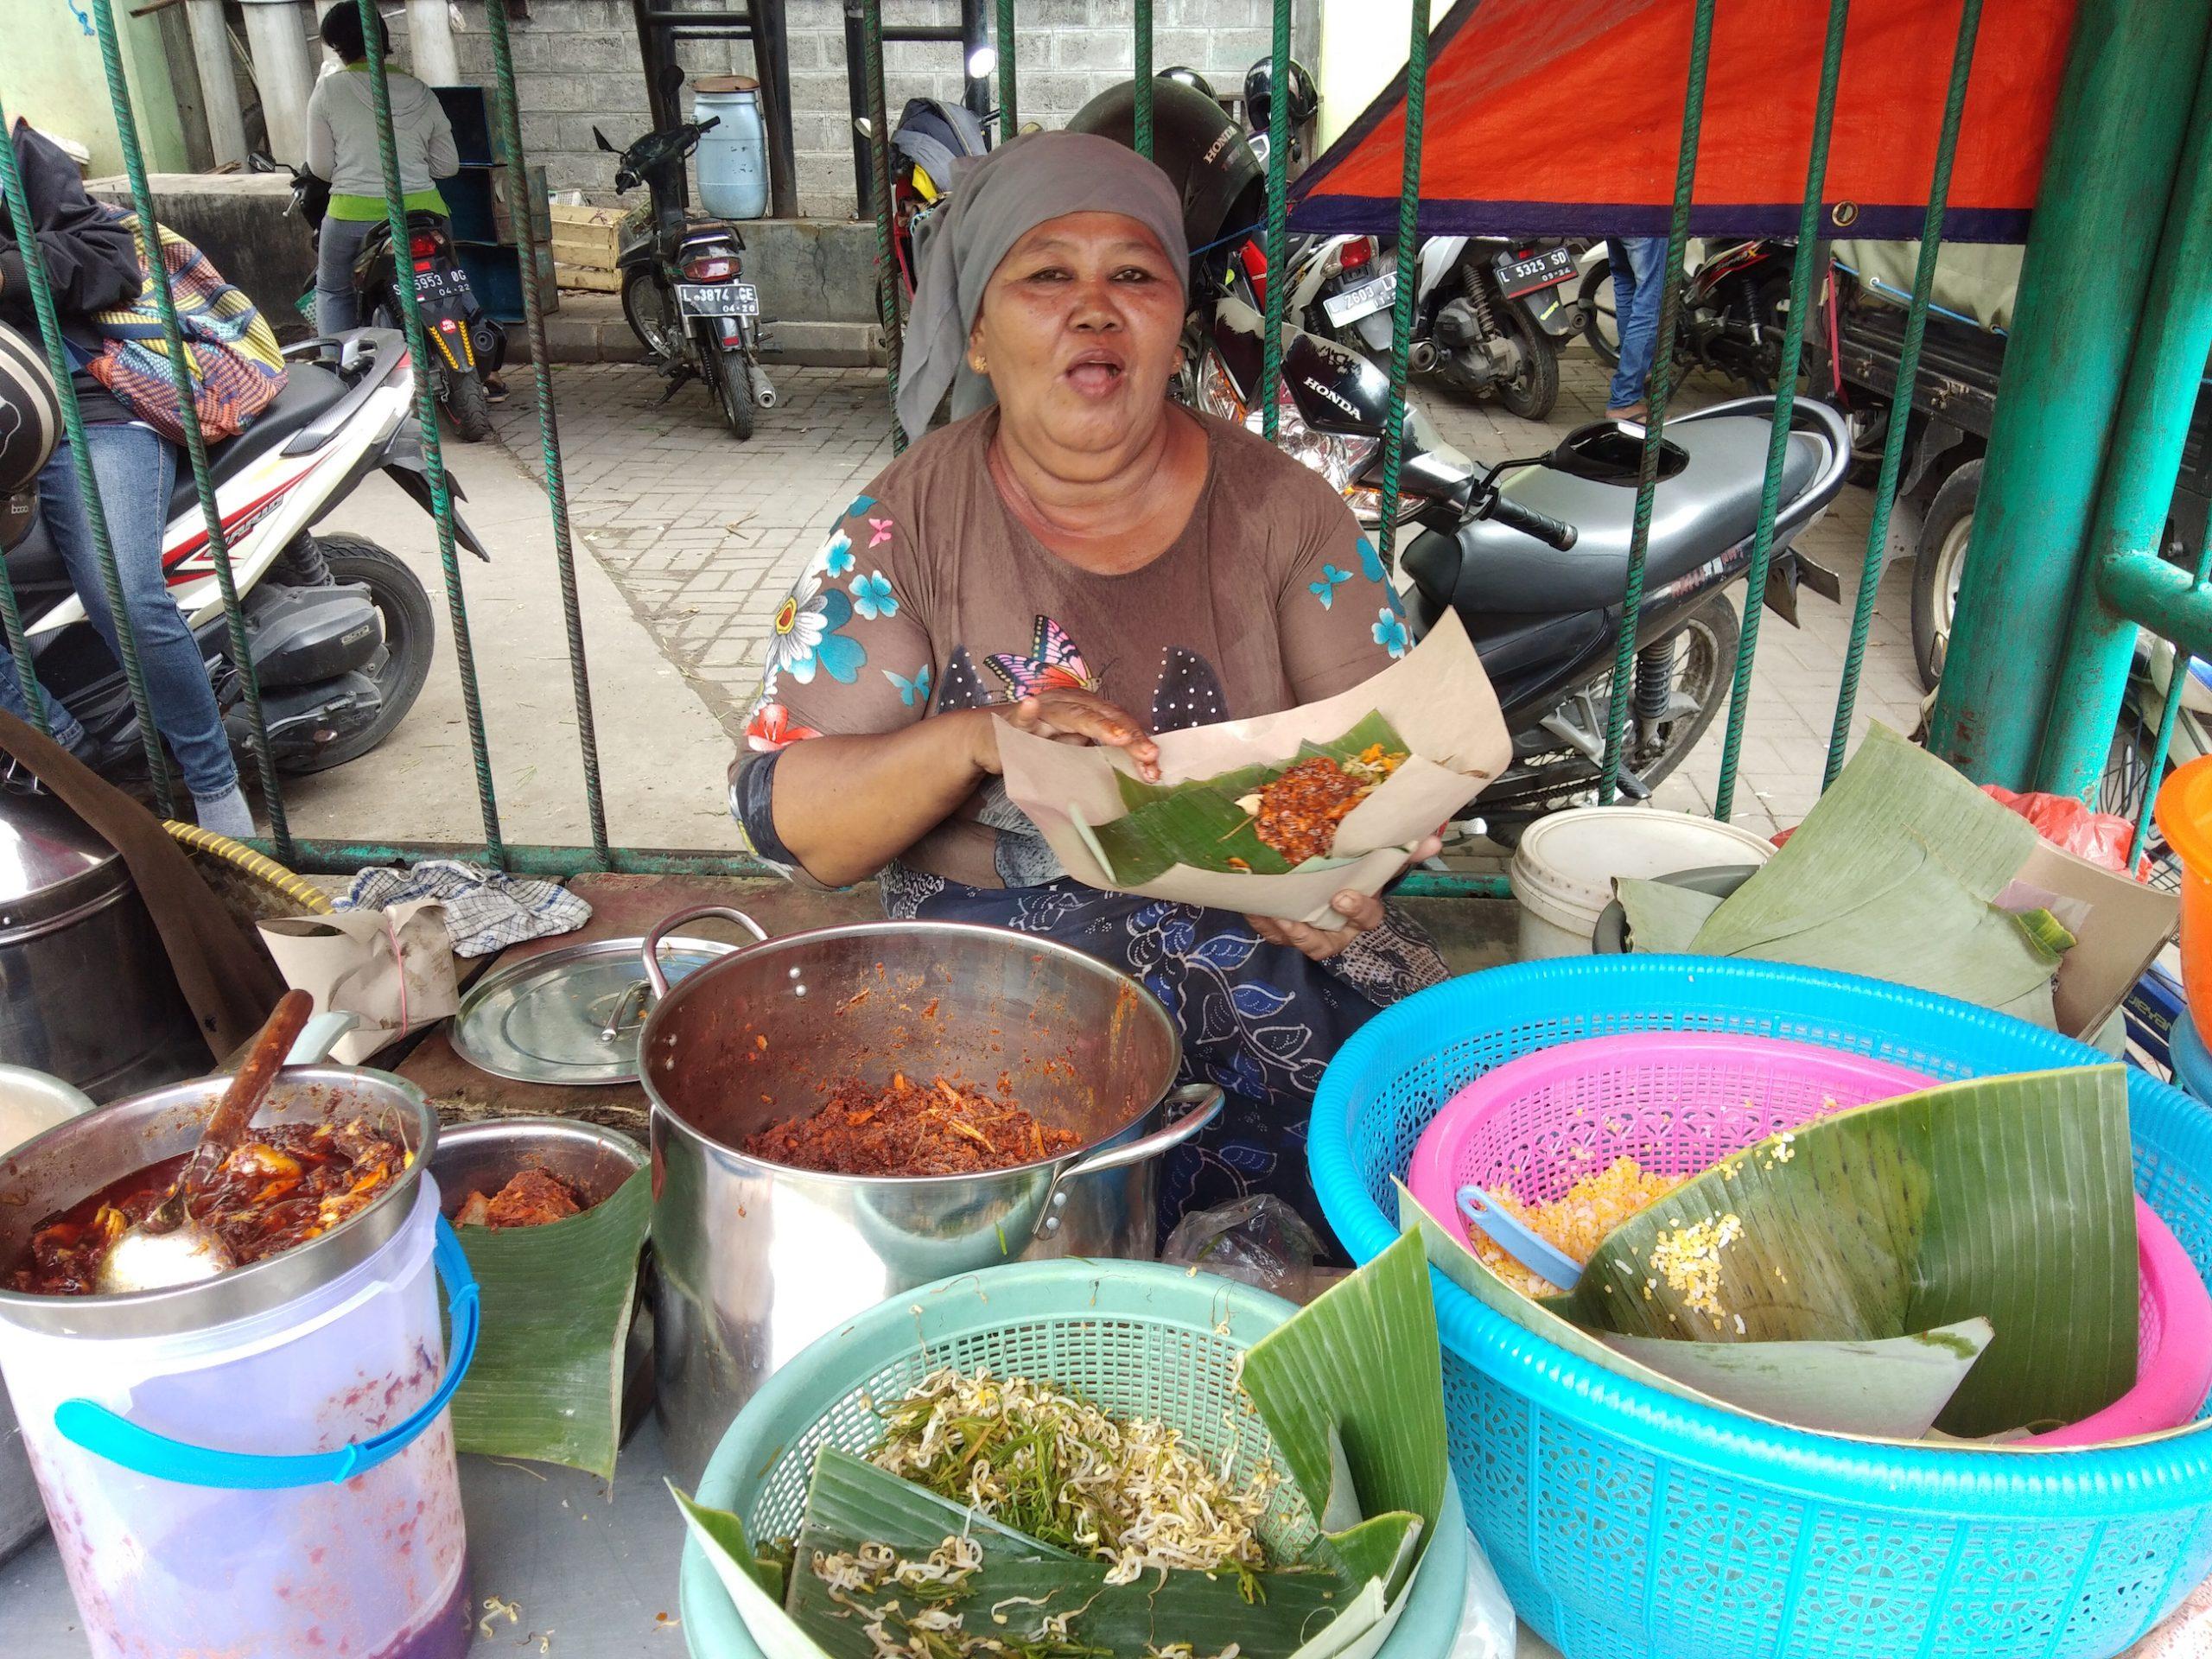 Sarapan Tradisional Bangkalan Madura perlu dicoba selain bebek Sinjay ada 3 pilihan lain.